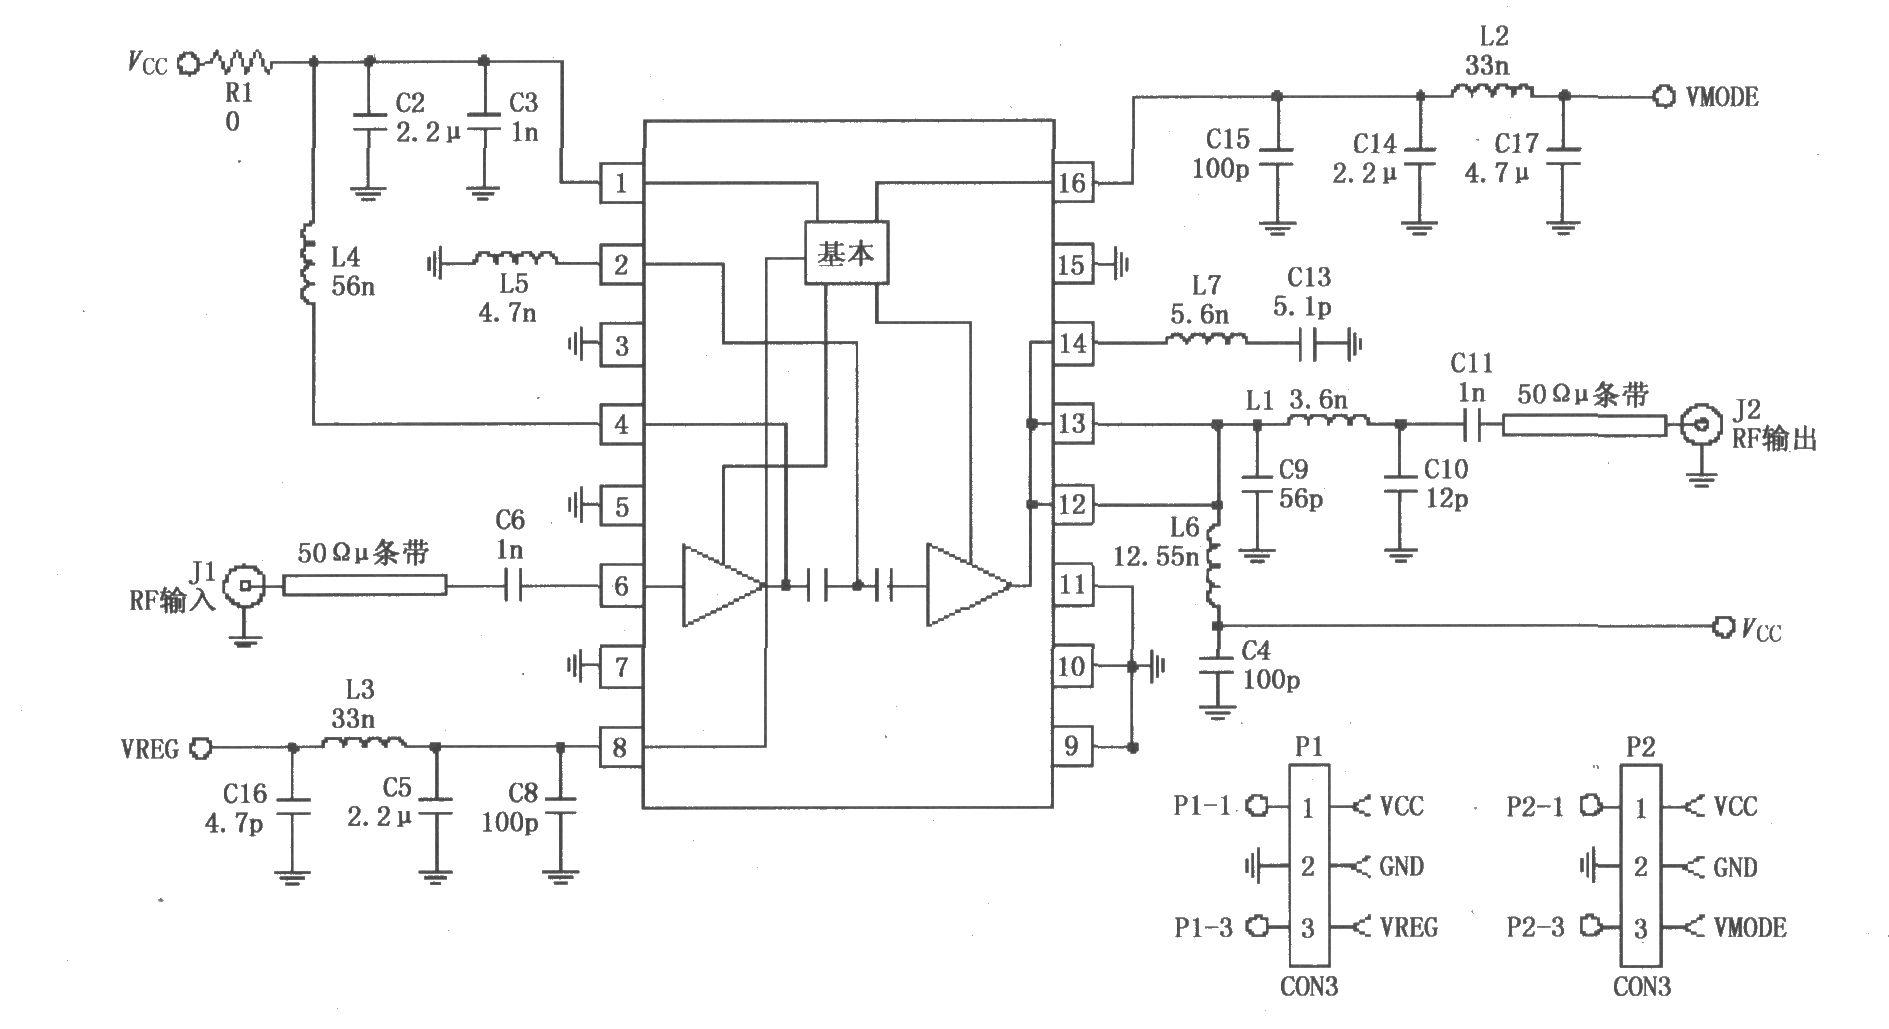 如图所示为由RF2175构成的380MHz线性放大器应用电路。射频信号(RF)由6脚输入,经过前置放大器、末级功率放大器放大后由12、13脚输出。6脚与内部放大器直接耦合,因此外加一个隔直耦合电容。输出端12、13脚和14脚在芯片内部已连接,通常将12、13脚在外部连接在一起作为信号输出。12、13脚也作为末级功率放大器电源供电端,通过这些脚向末级功放提供偏置电流。14脚作为二次谐波的滤波电路,采用传输线或电感与电容构成滤波器谐振在2f0,对二次谐波提供低阻通路,能有效地短接二次谐波。8脚接使能电压VR